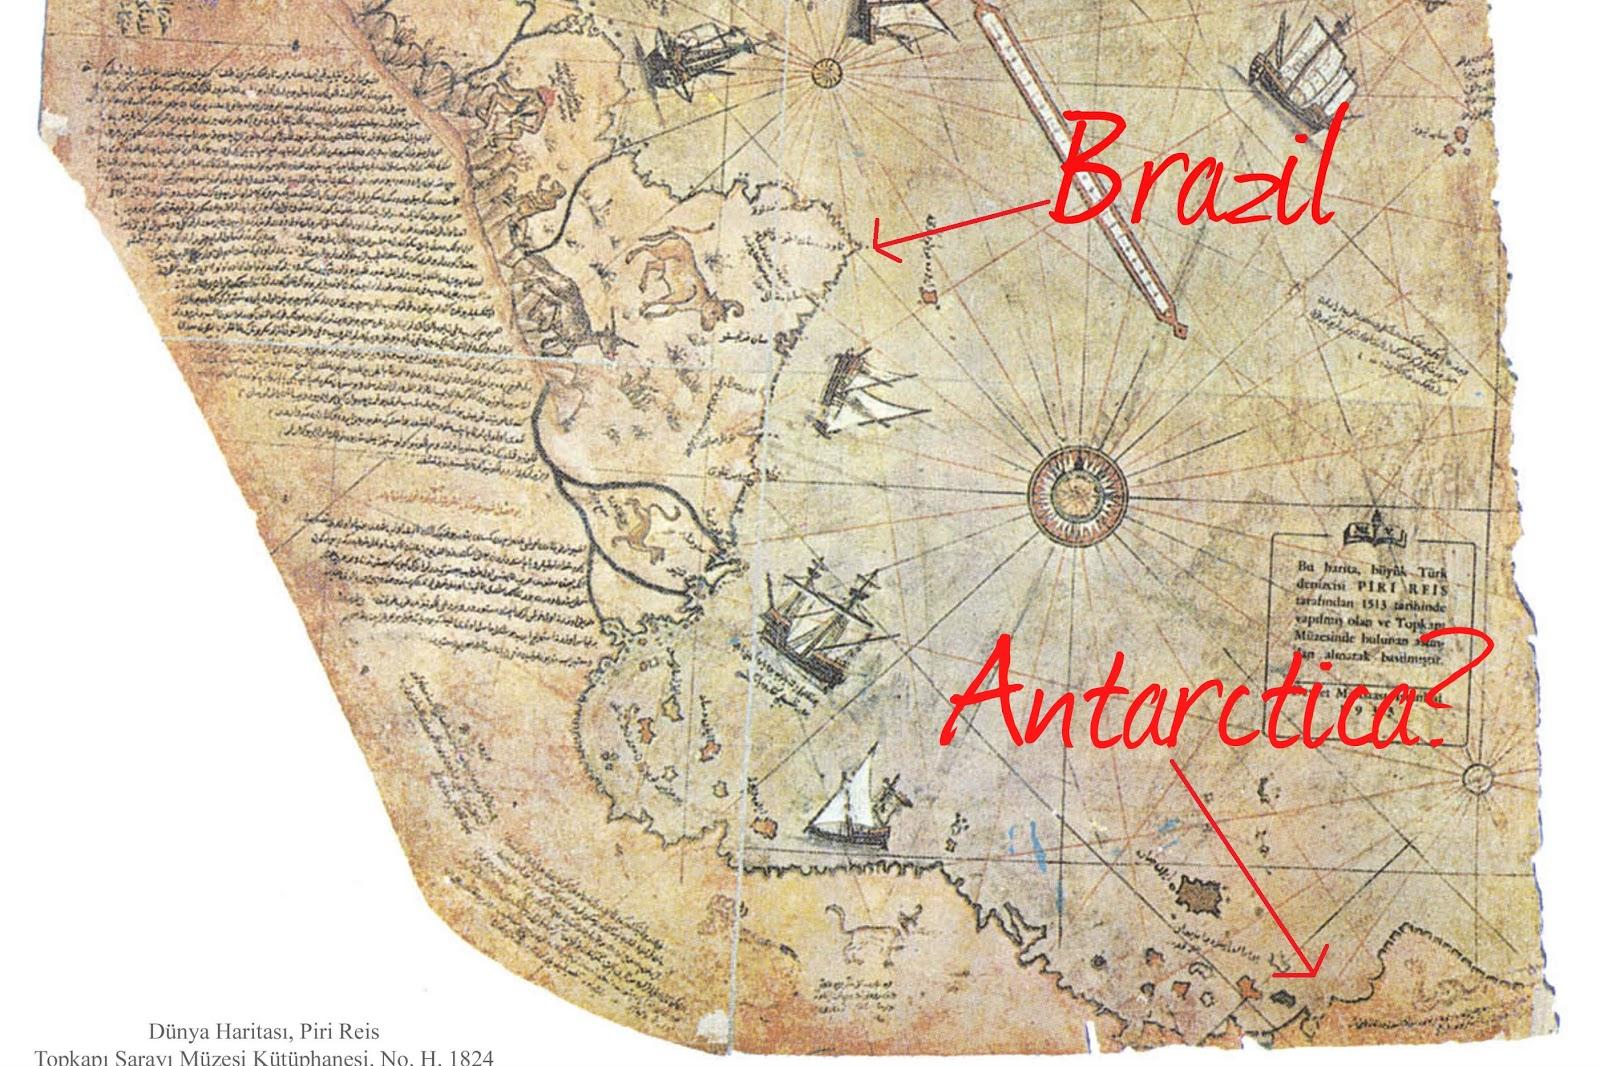 Cest Ainsi Quil Constata Par Exemple Deux Baies Notees Sur Les Cartes De Piri Reis A Un Endroit La Queen Maud Land Du Rivage Antarctique